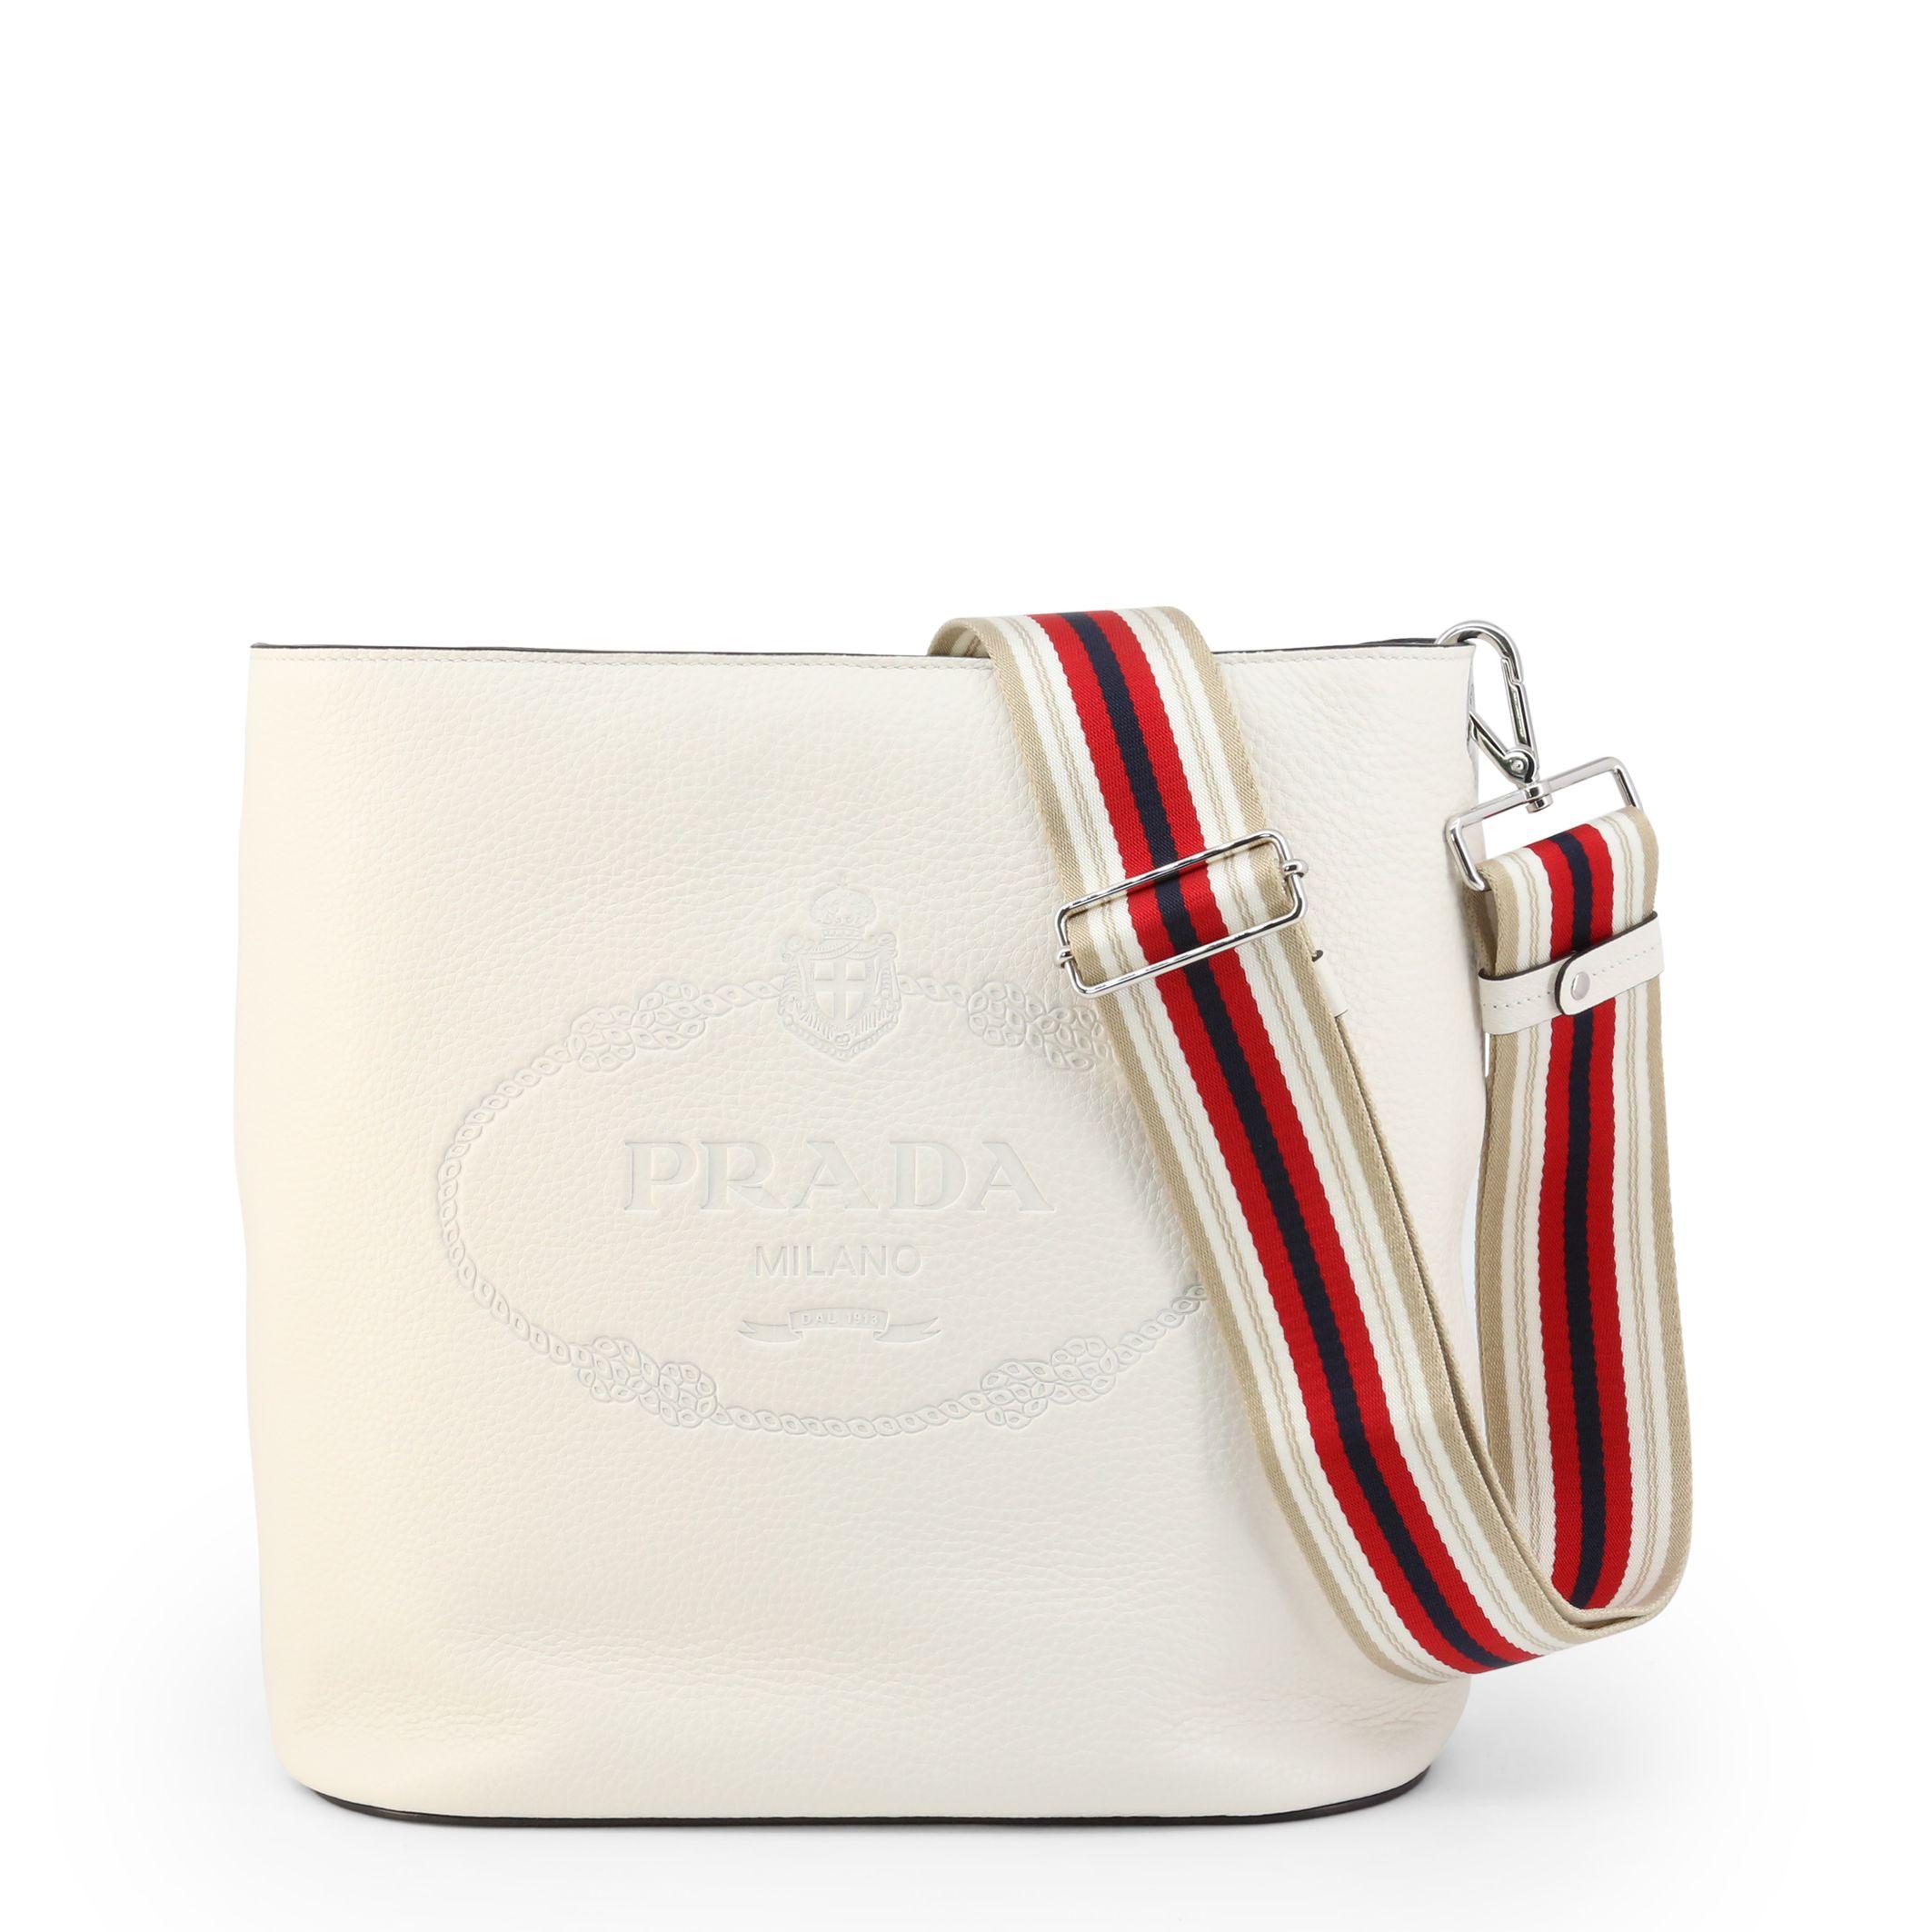 Prada - 1BE023_PHENIX | You Fashion Outlet